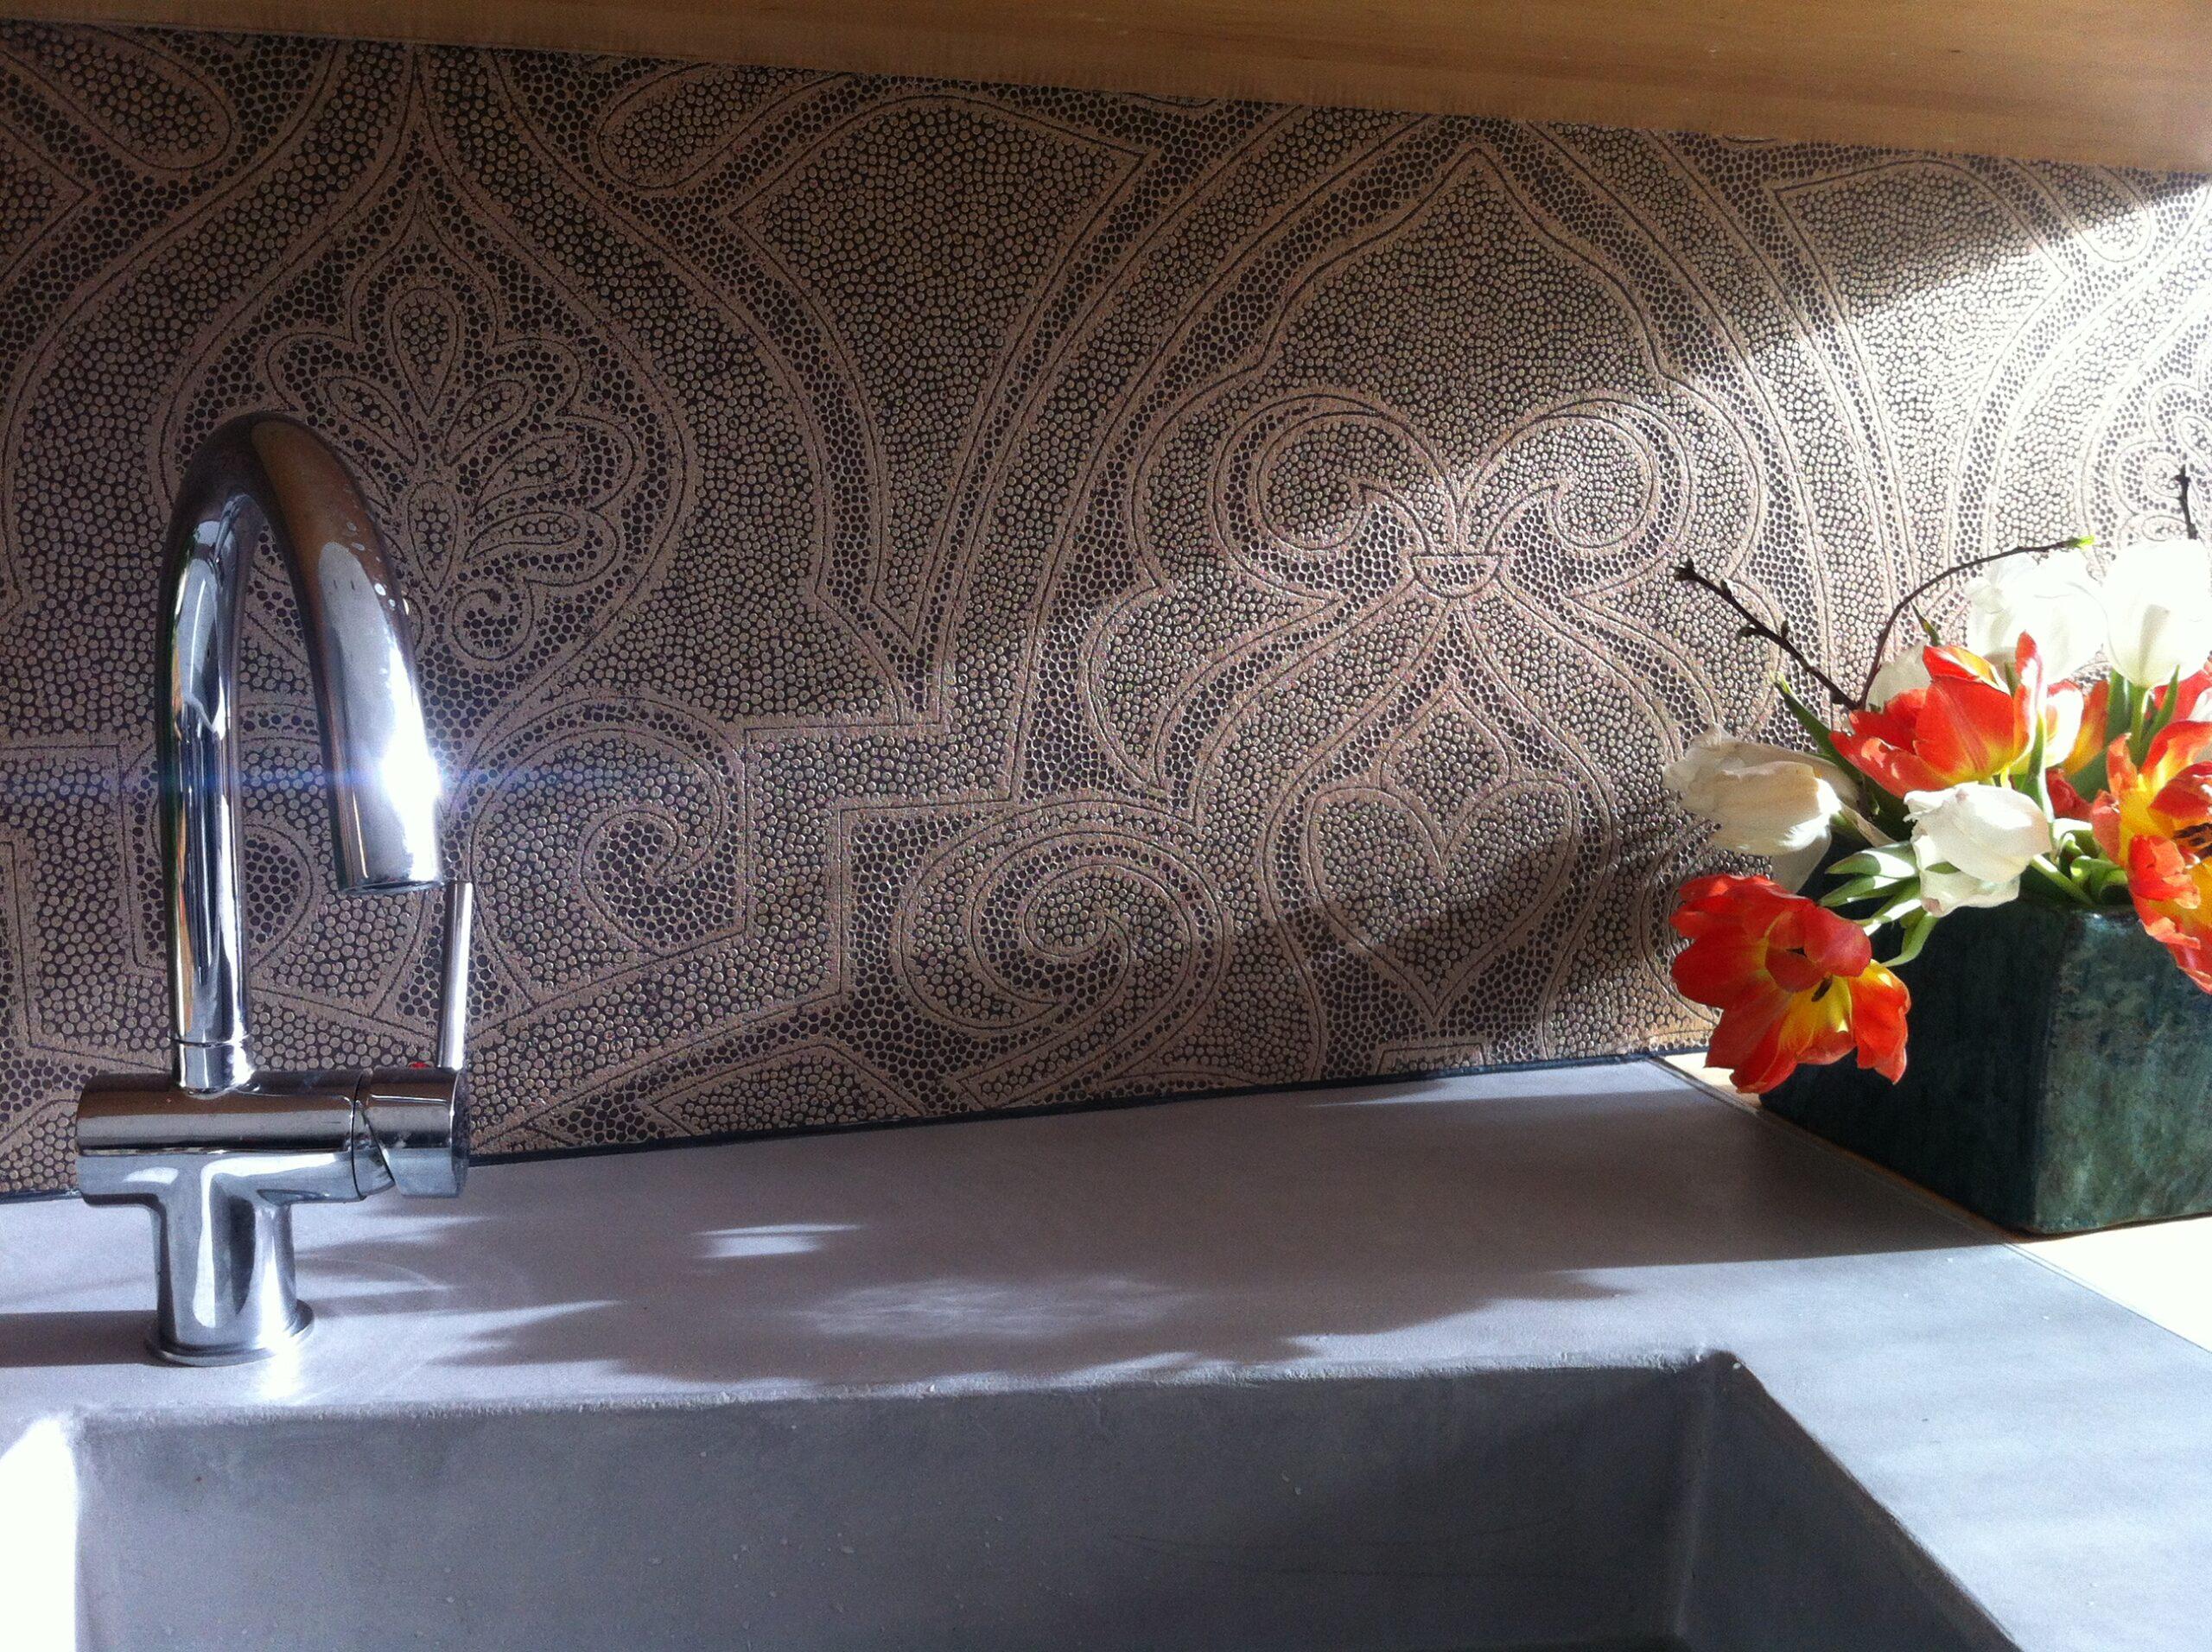 Full Size of Abwaschbare Tapete Küche Kchenrckwand Alternative Zur Fliese Farbefreudeleben Landhausküche Grau Hochglanz Arbeitsschuhe Fliesen Für Komplettküche Kaufen Wohnzimmer Abwaschbare Tapete Küche